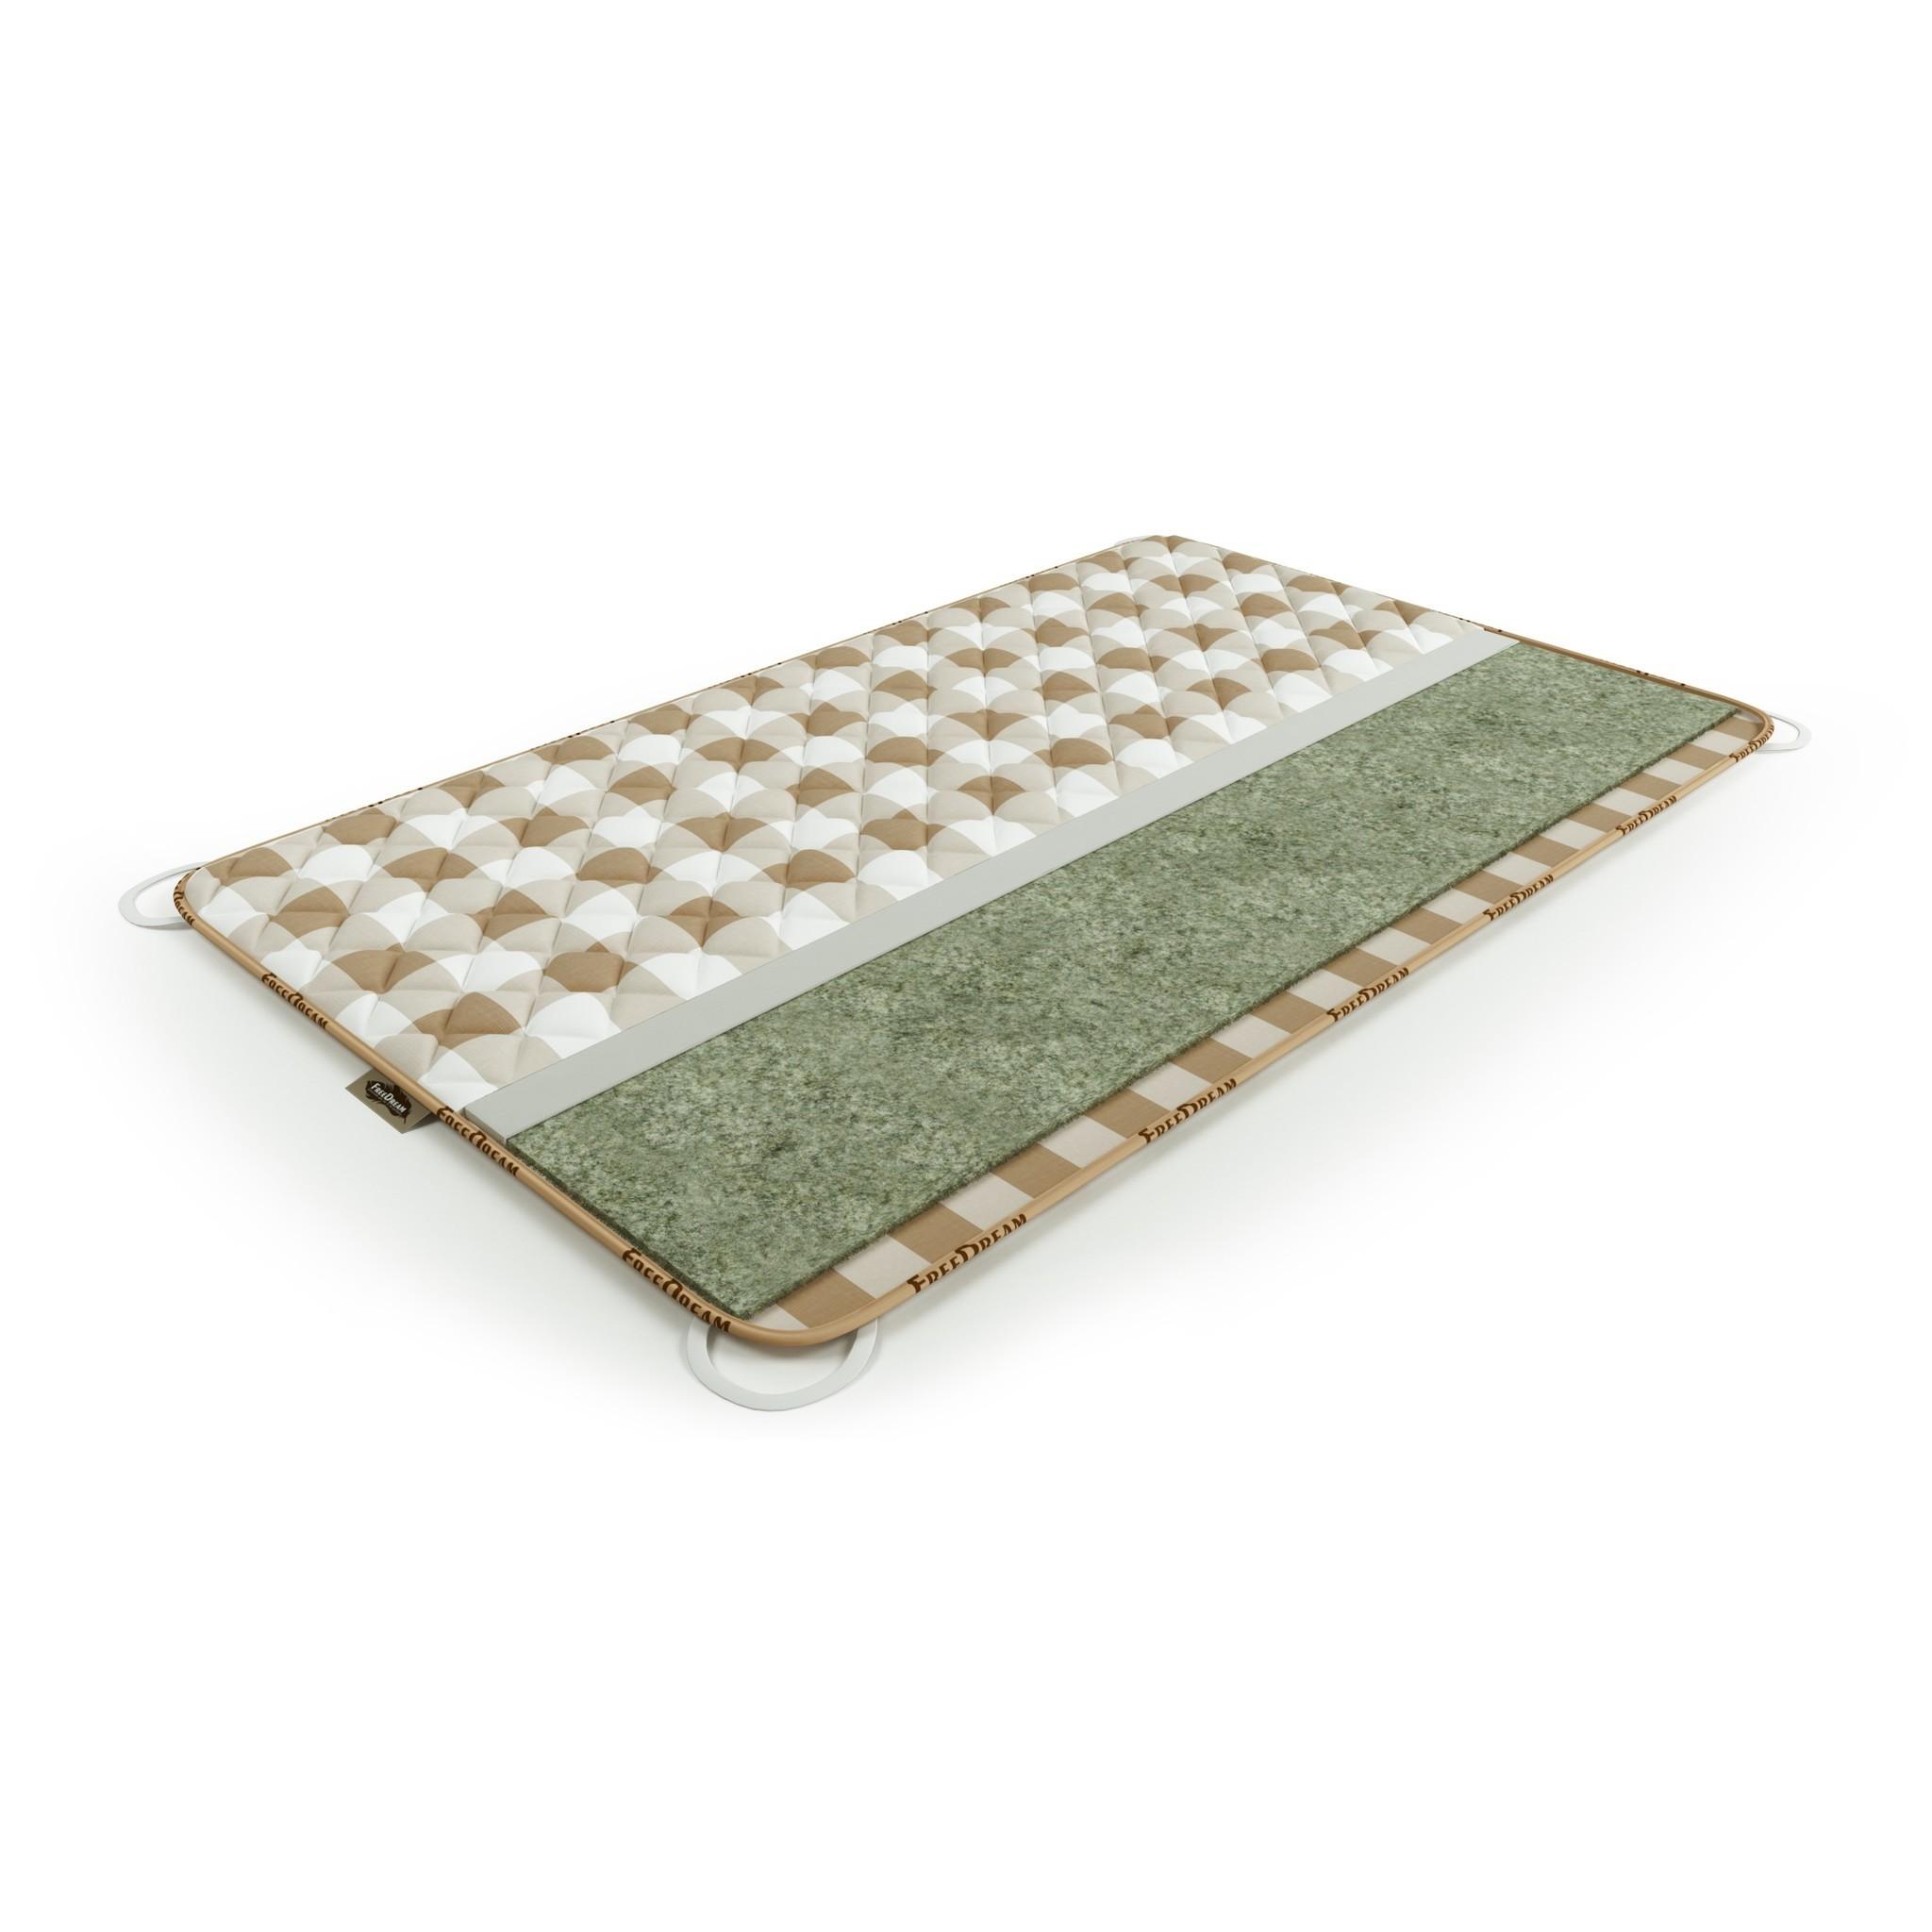 Купить Наматрасник Mr. Mattress Linen (100x200)